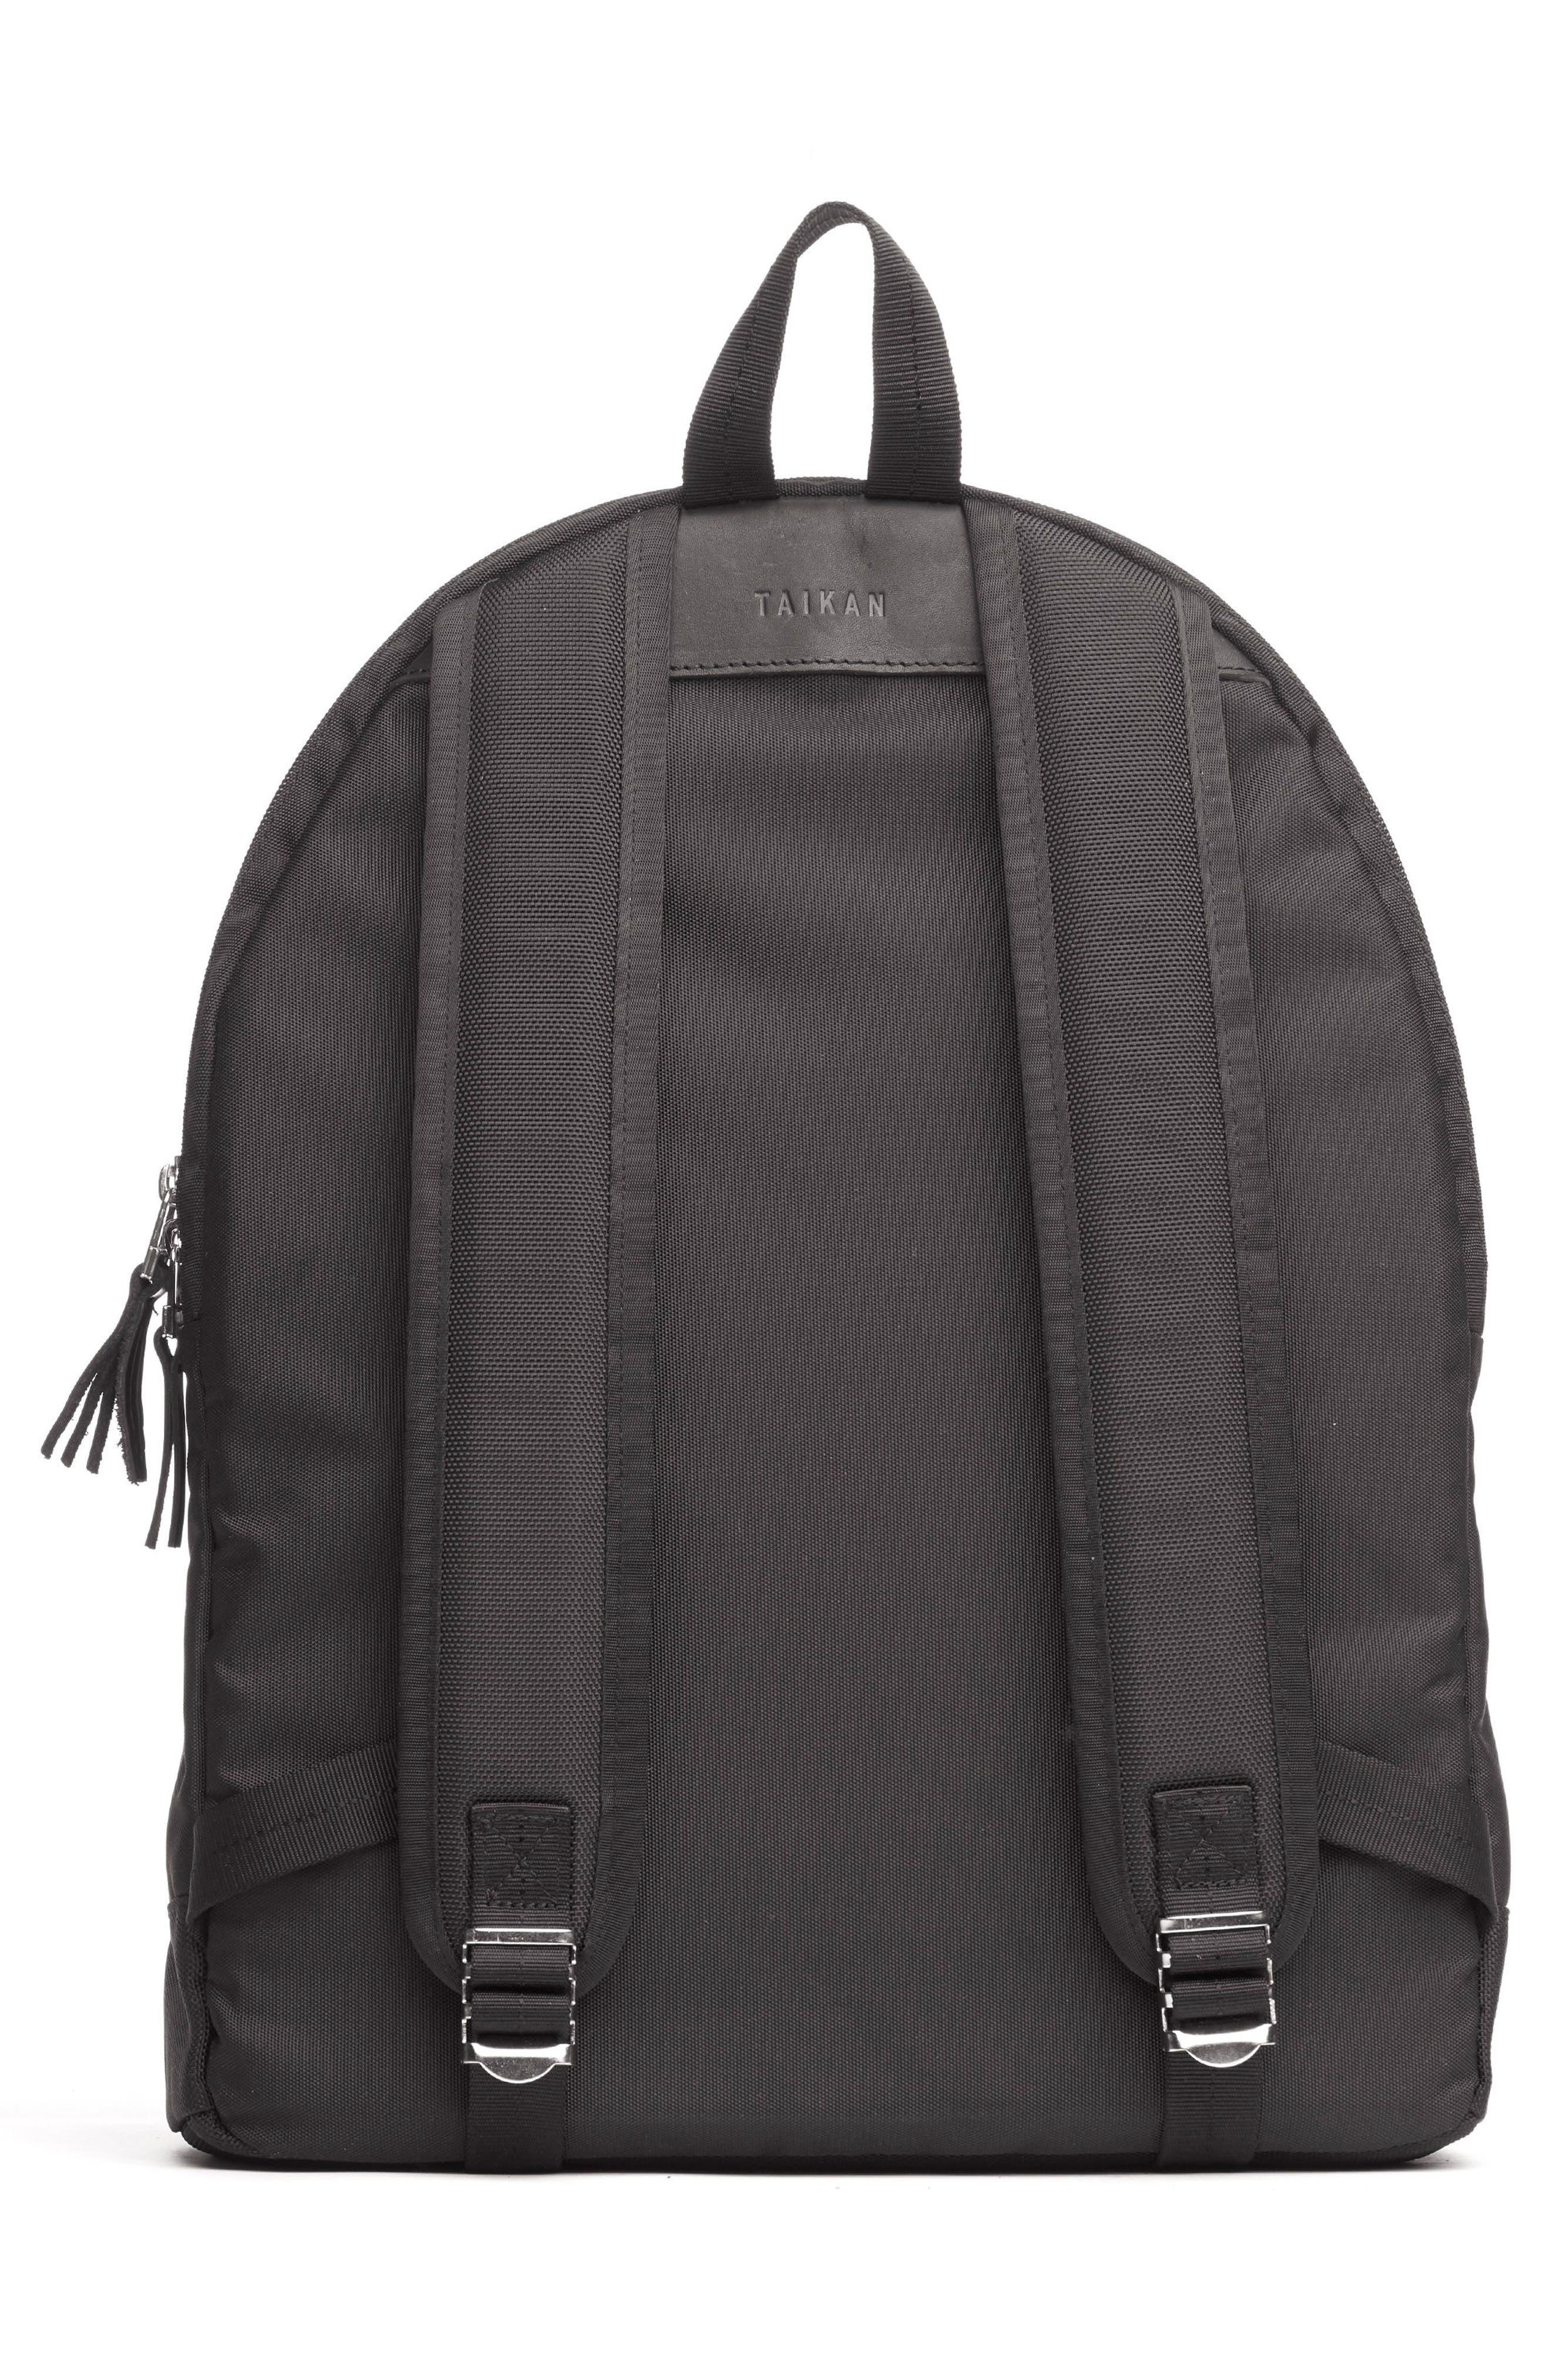 Lancer Backpack,                             Alternate thumbnail 2, color,                             MATTE BLACK